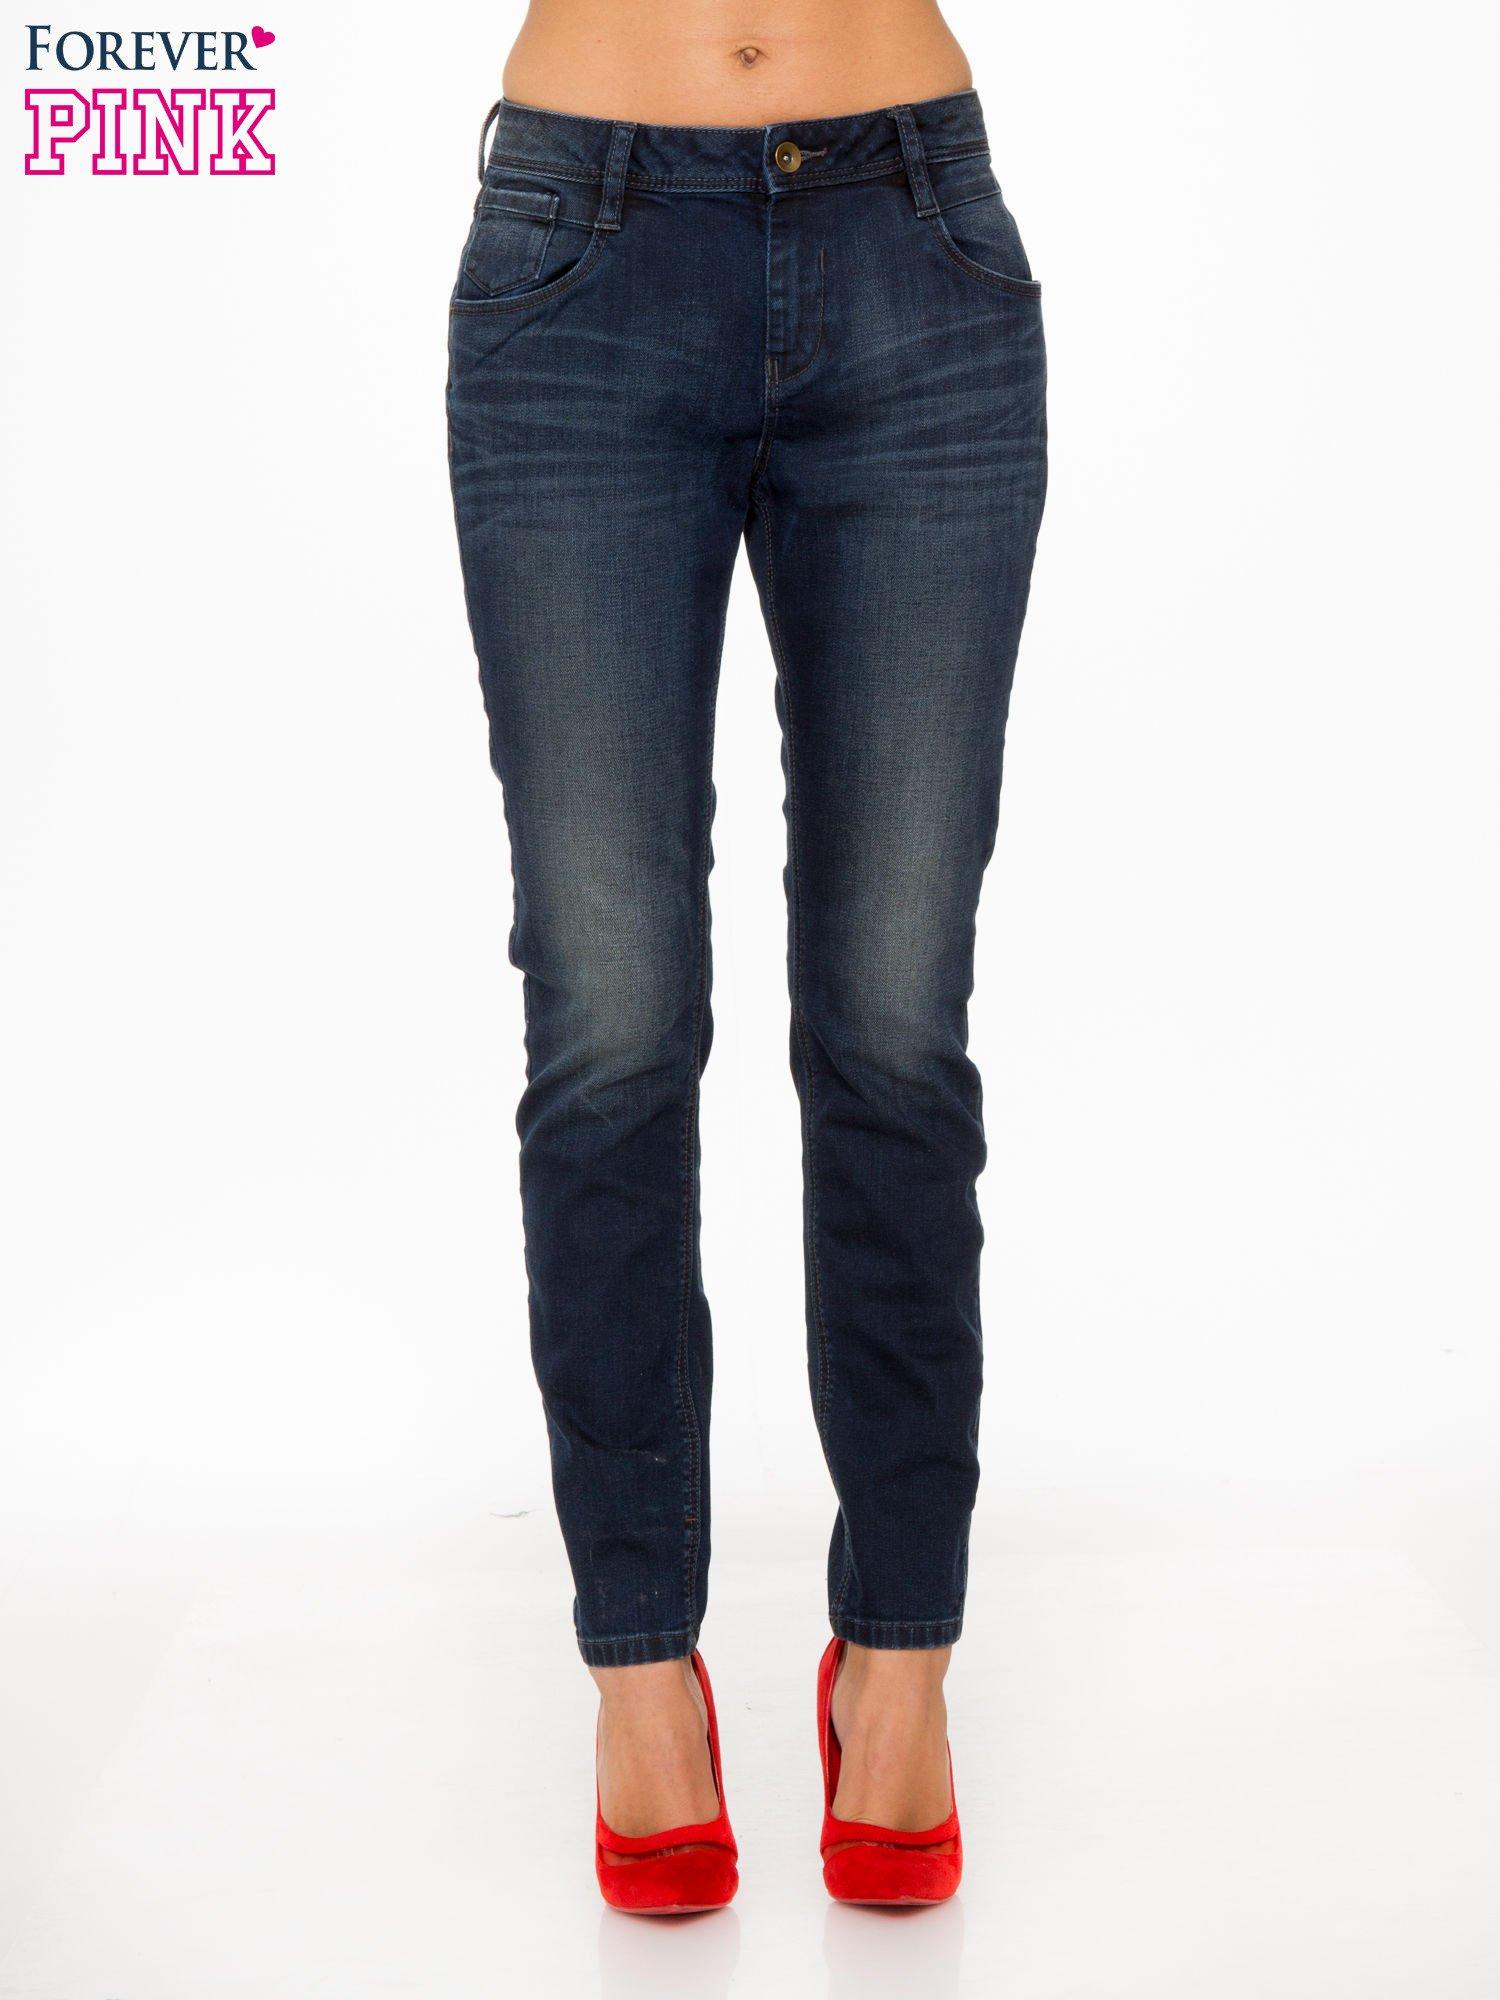 Ciemnoniebieskie spodnie jeansowe rurki z trójkątnymi kieszeniami tylnymi                                  zdj.                                  1